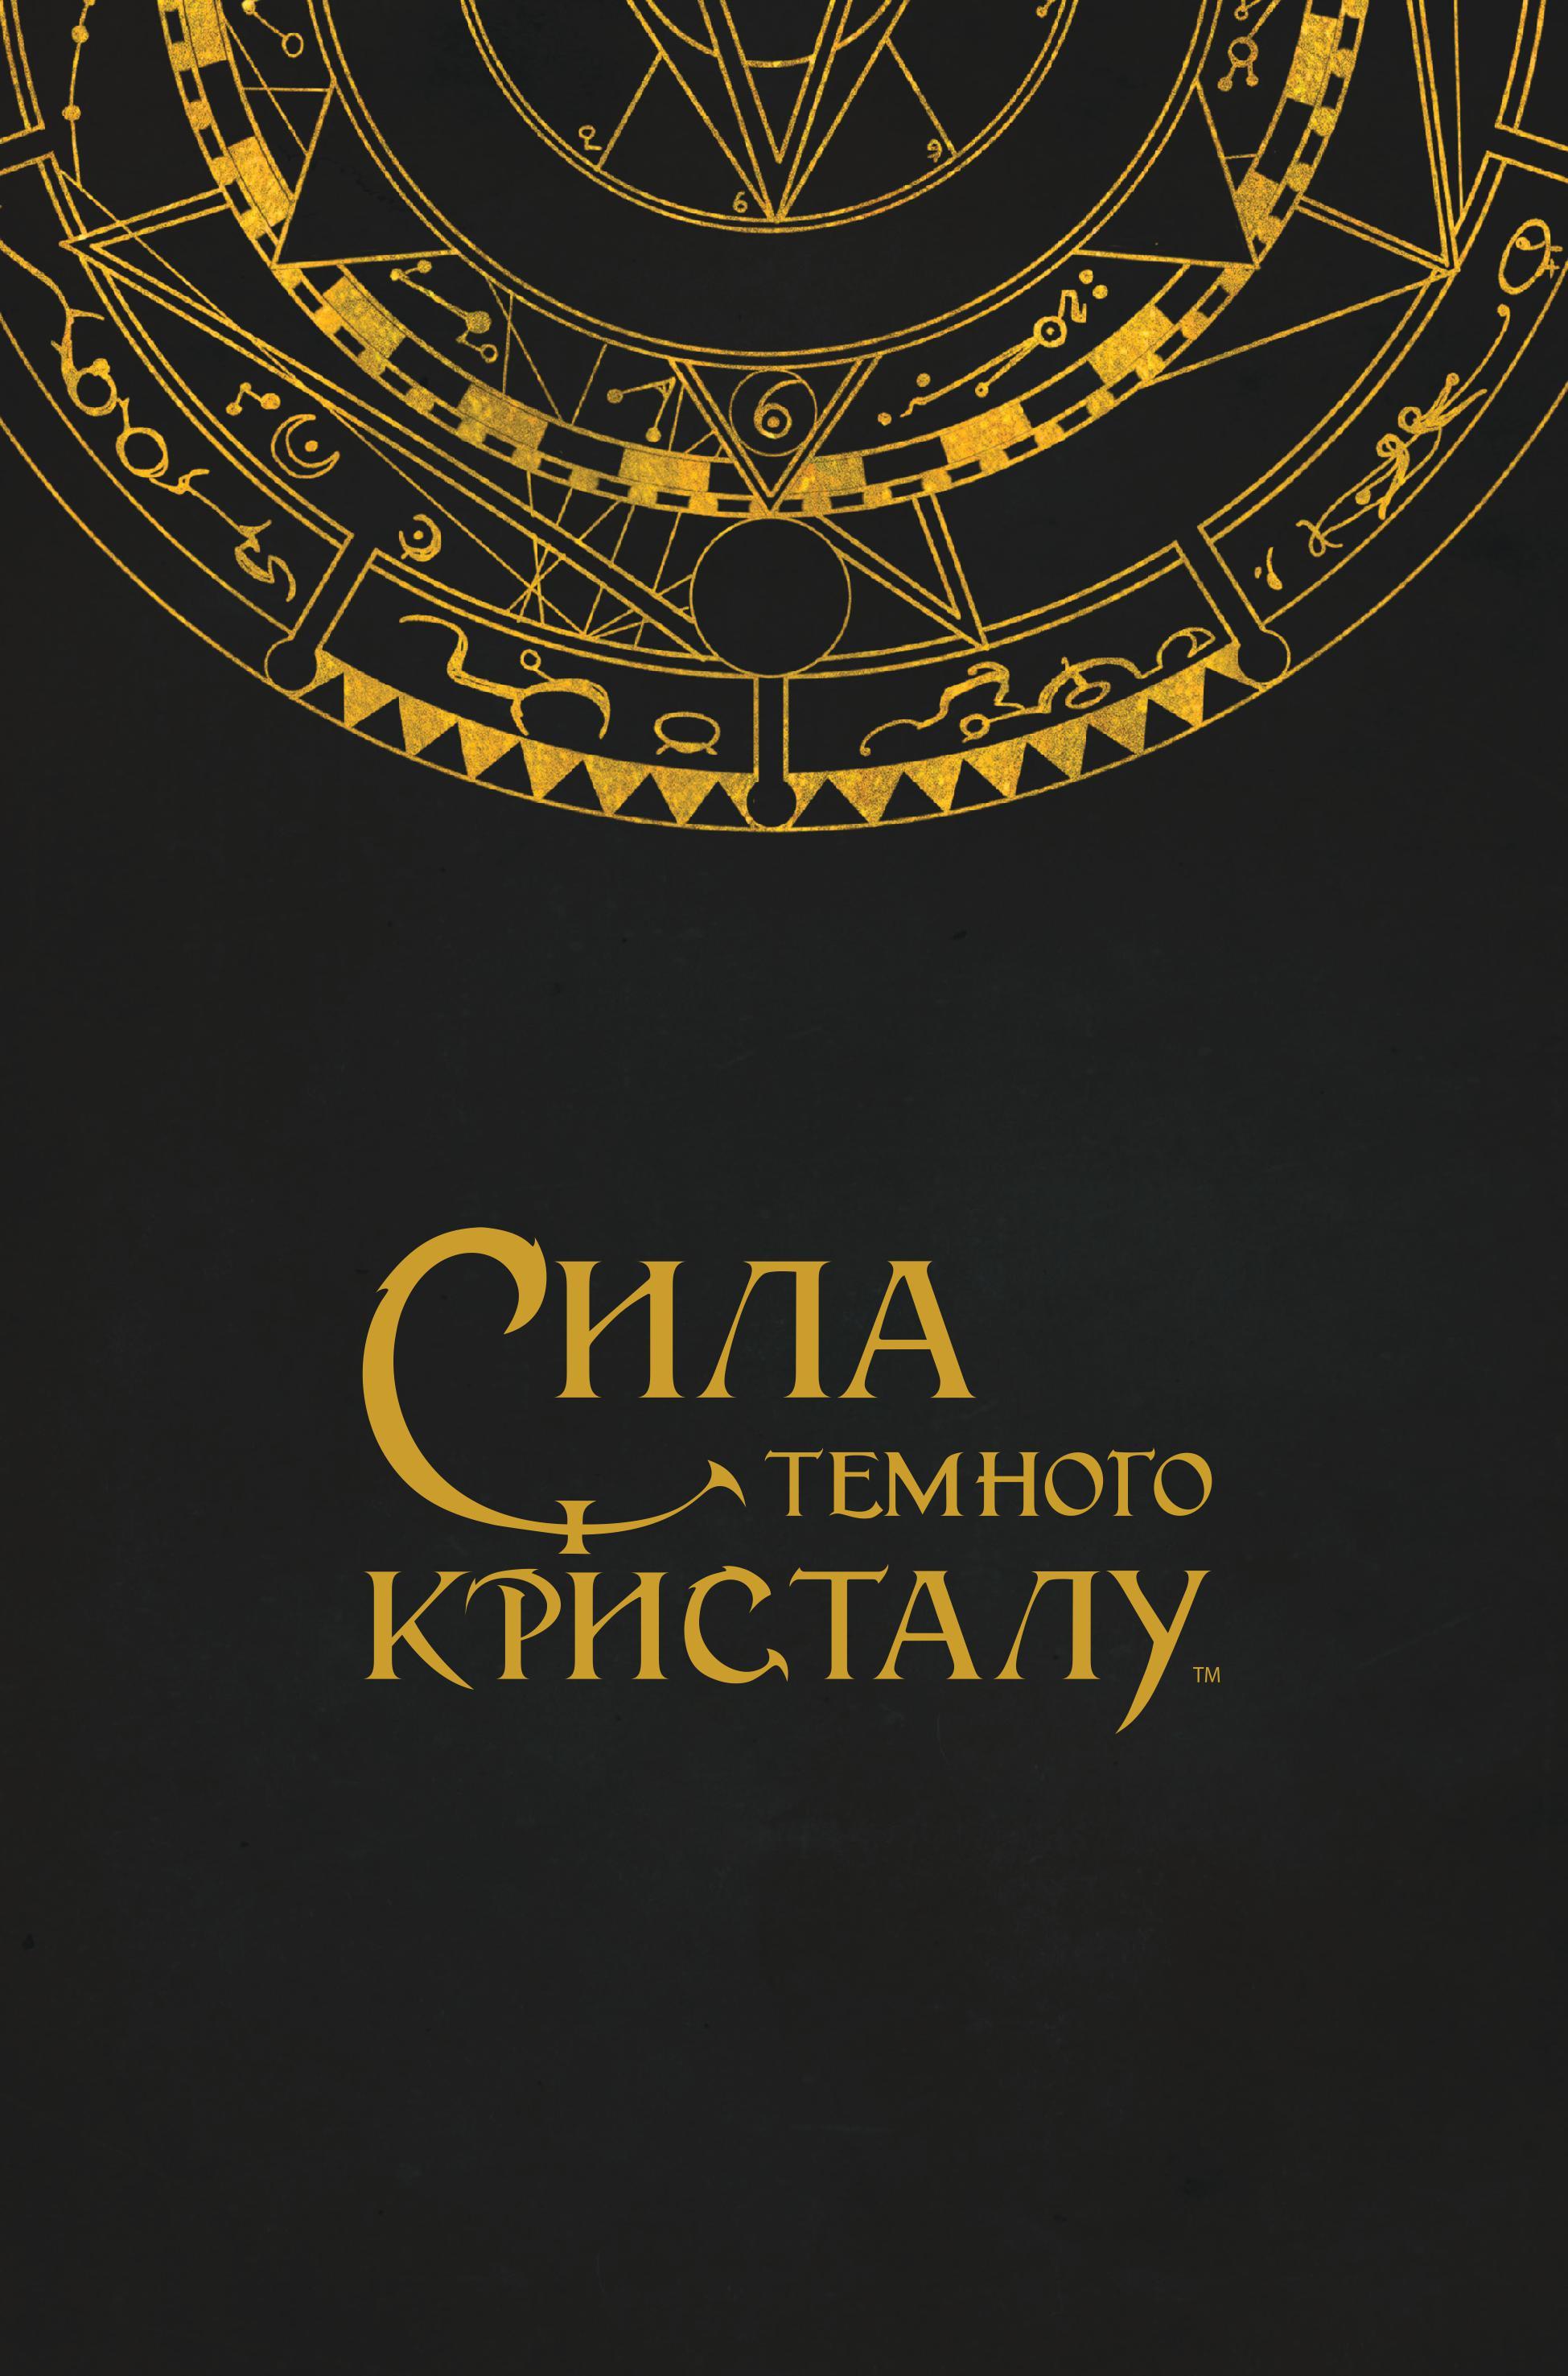 «Сила темного кристалу. Том 1», видавництво Molfar